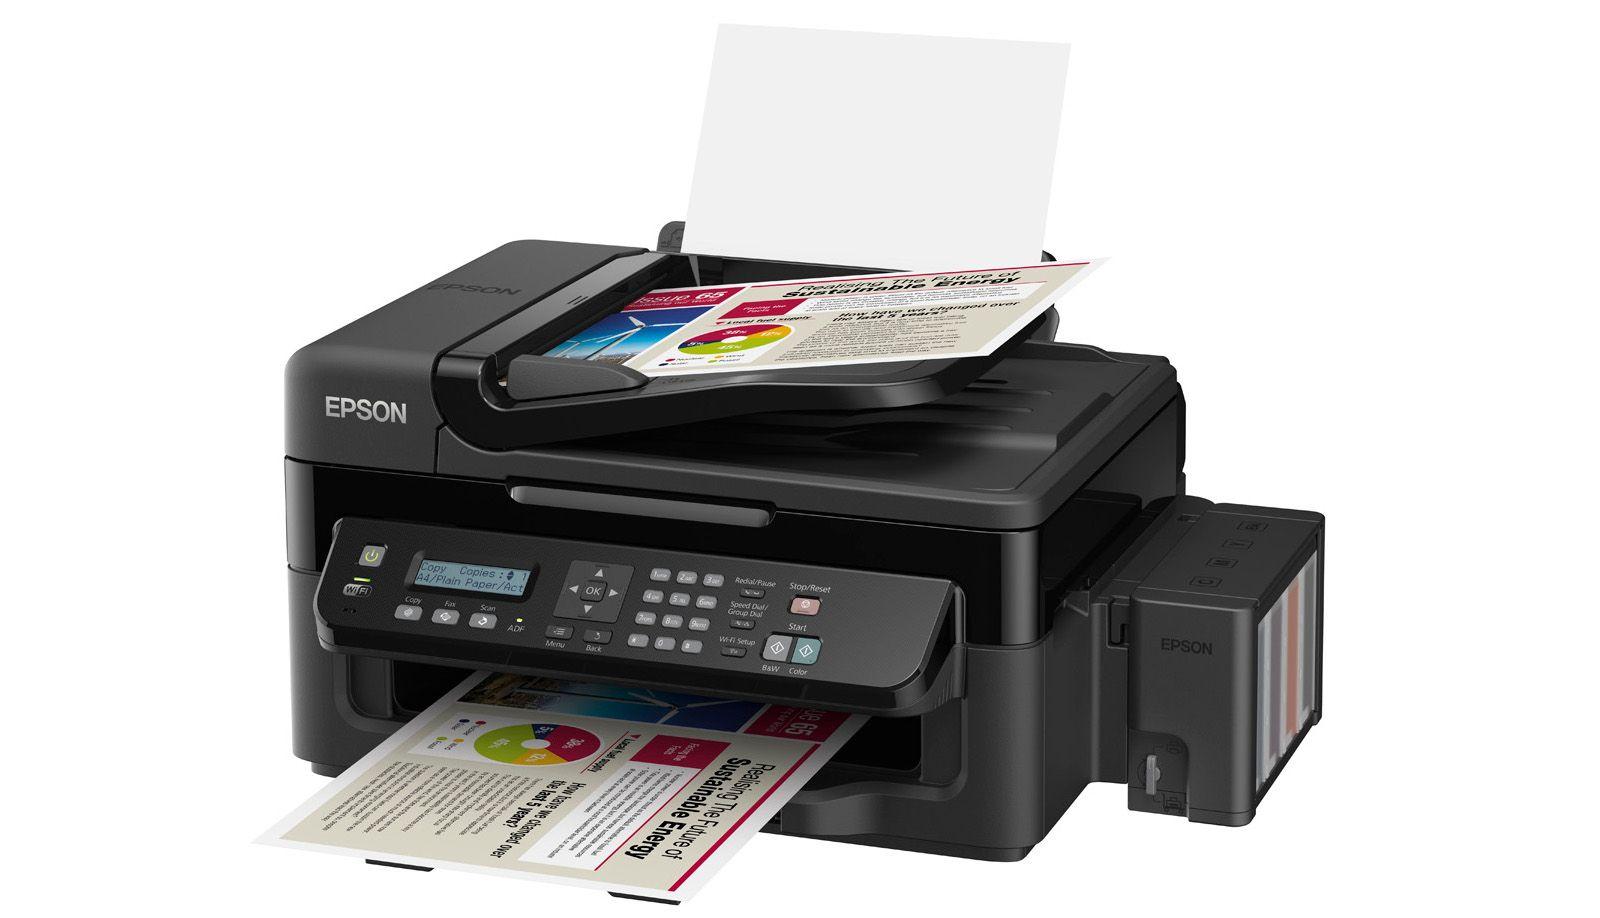 Epson Ecotank L555 Epson Ecotank Printer Epson Printer Epson